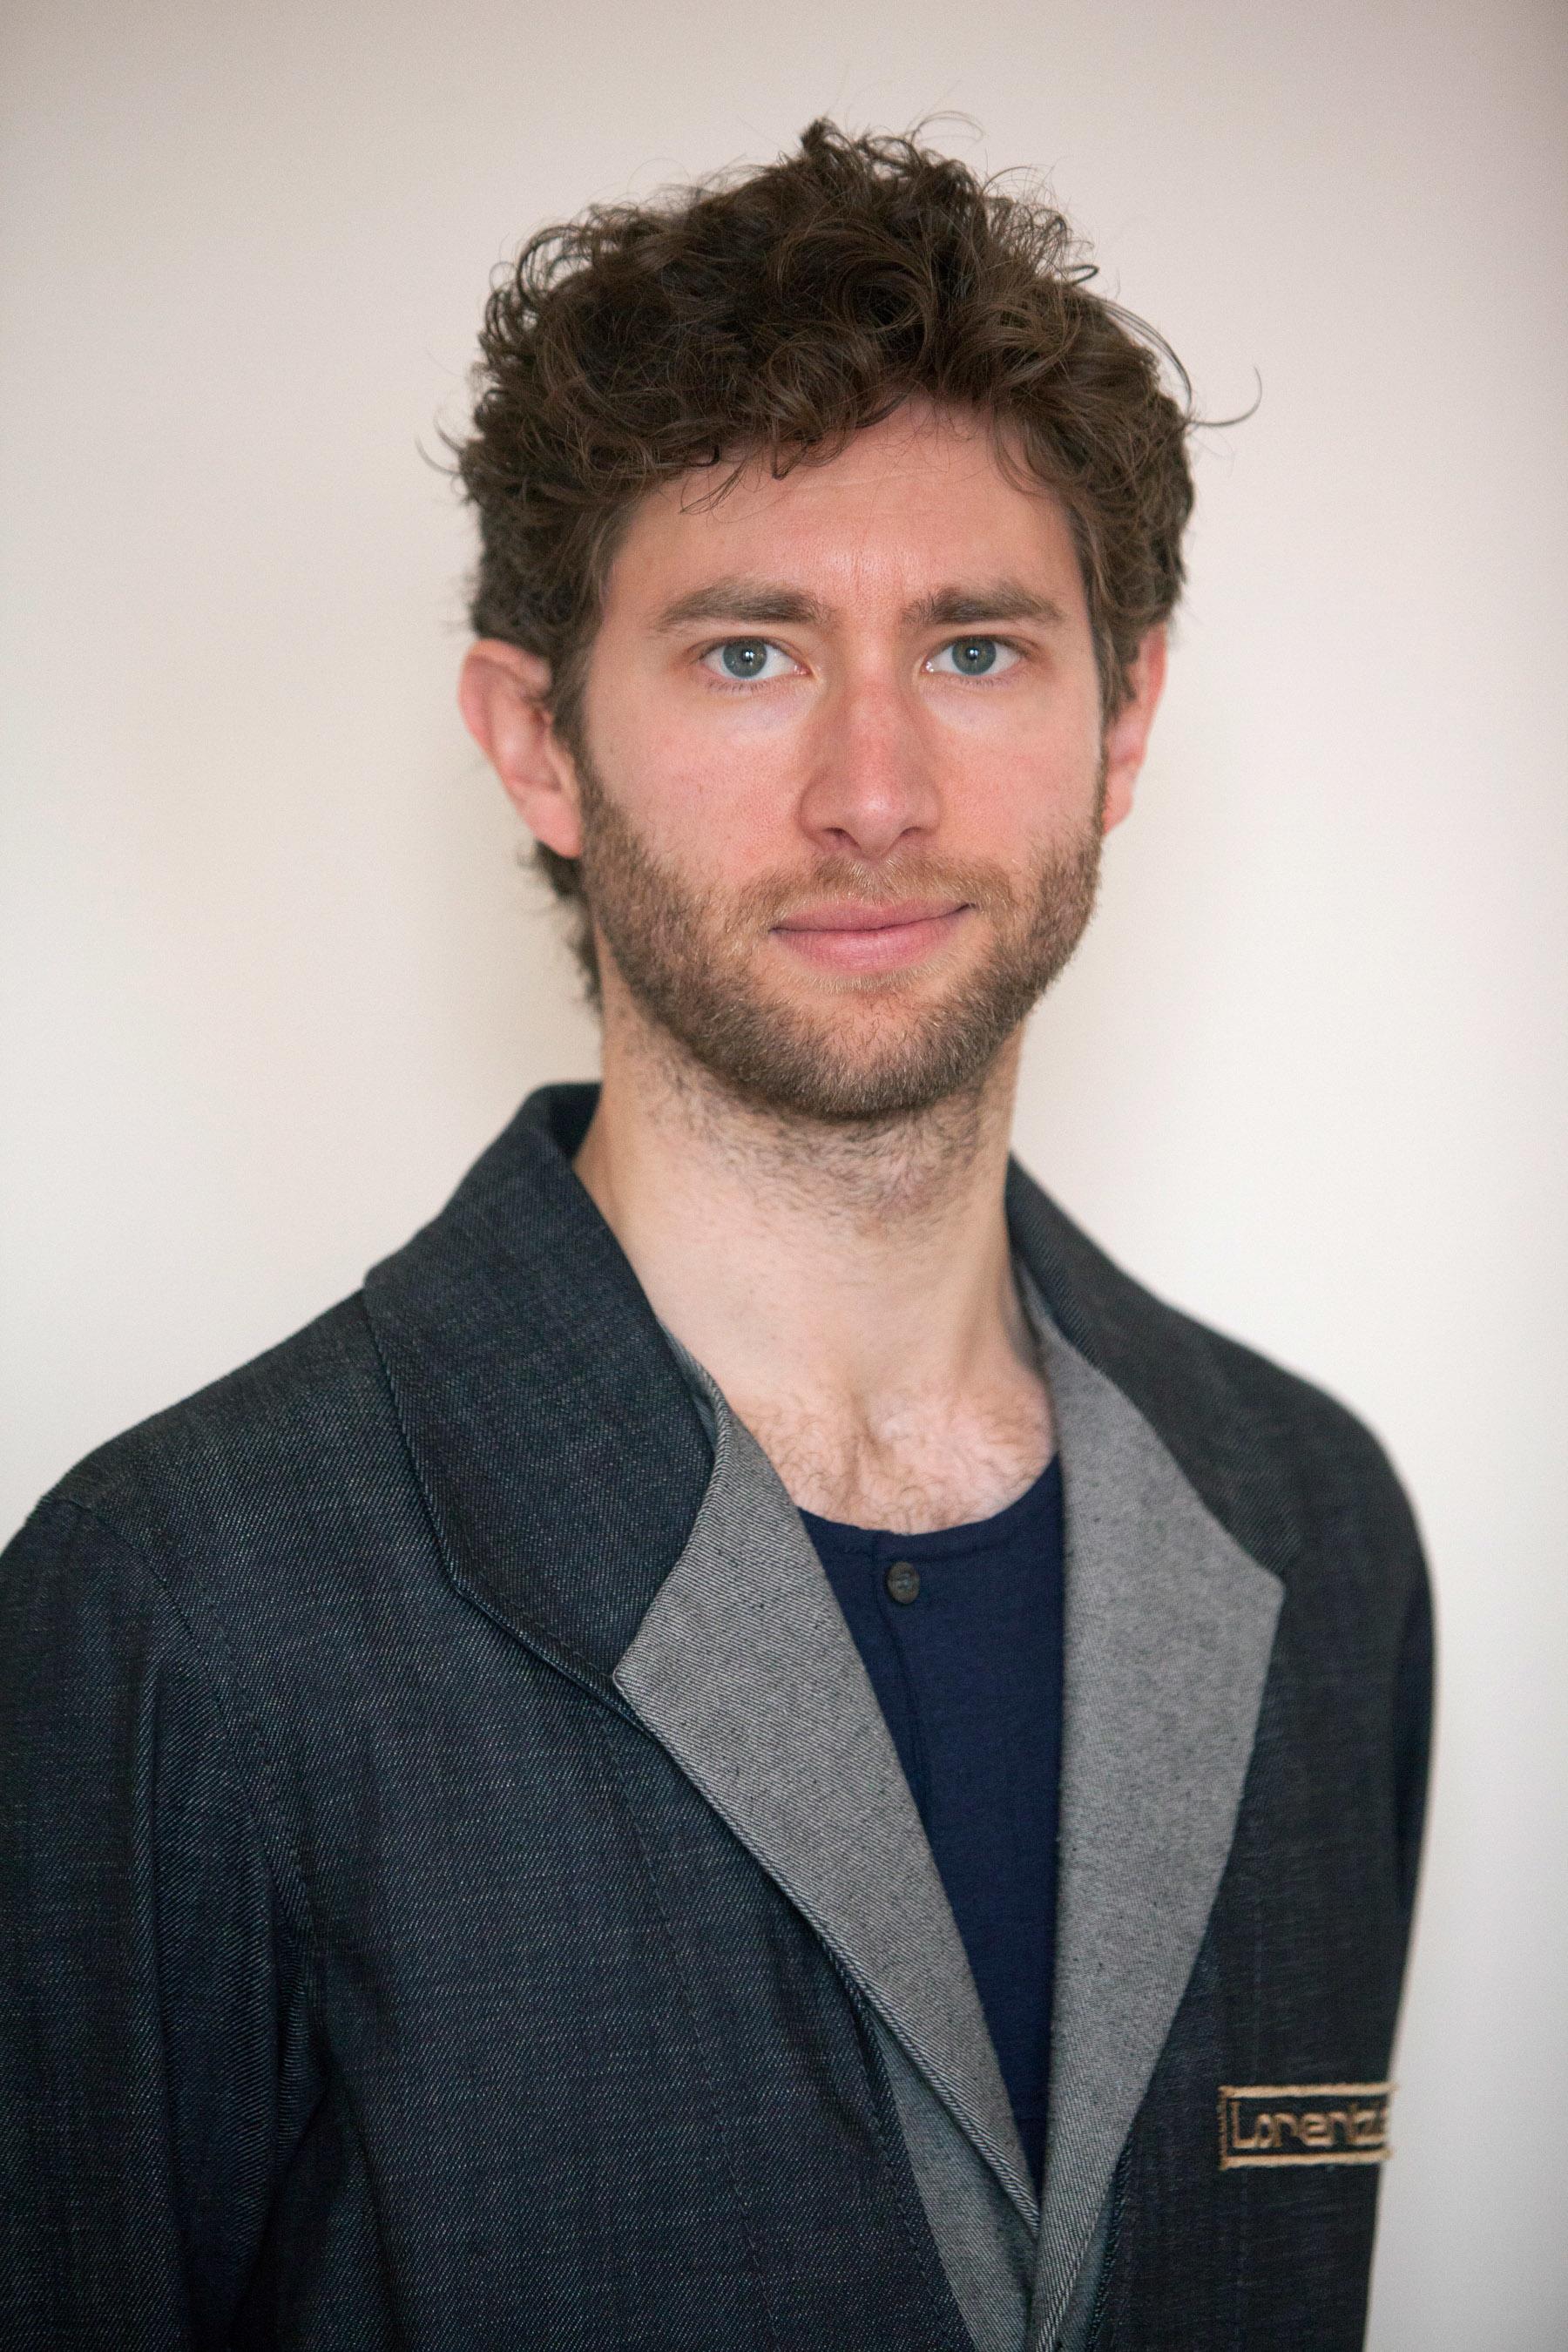 David Lucieer